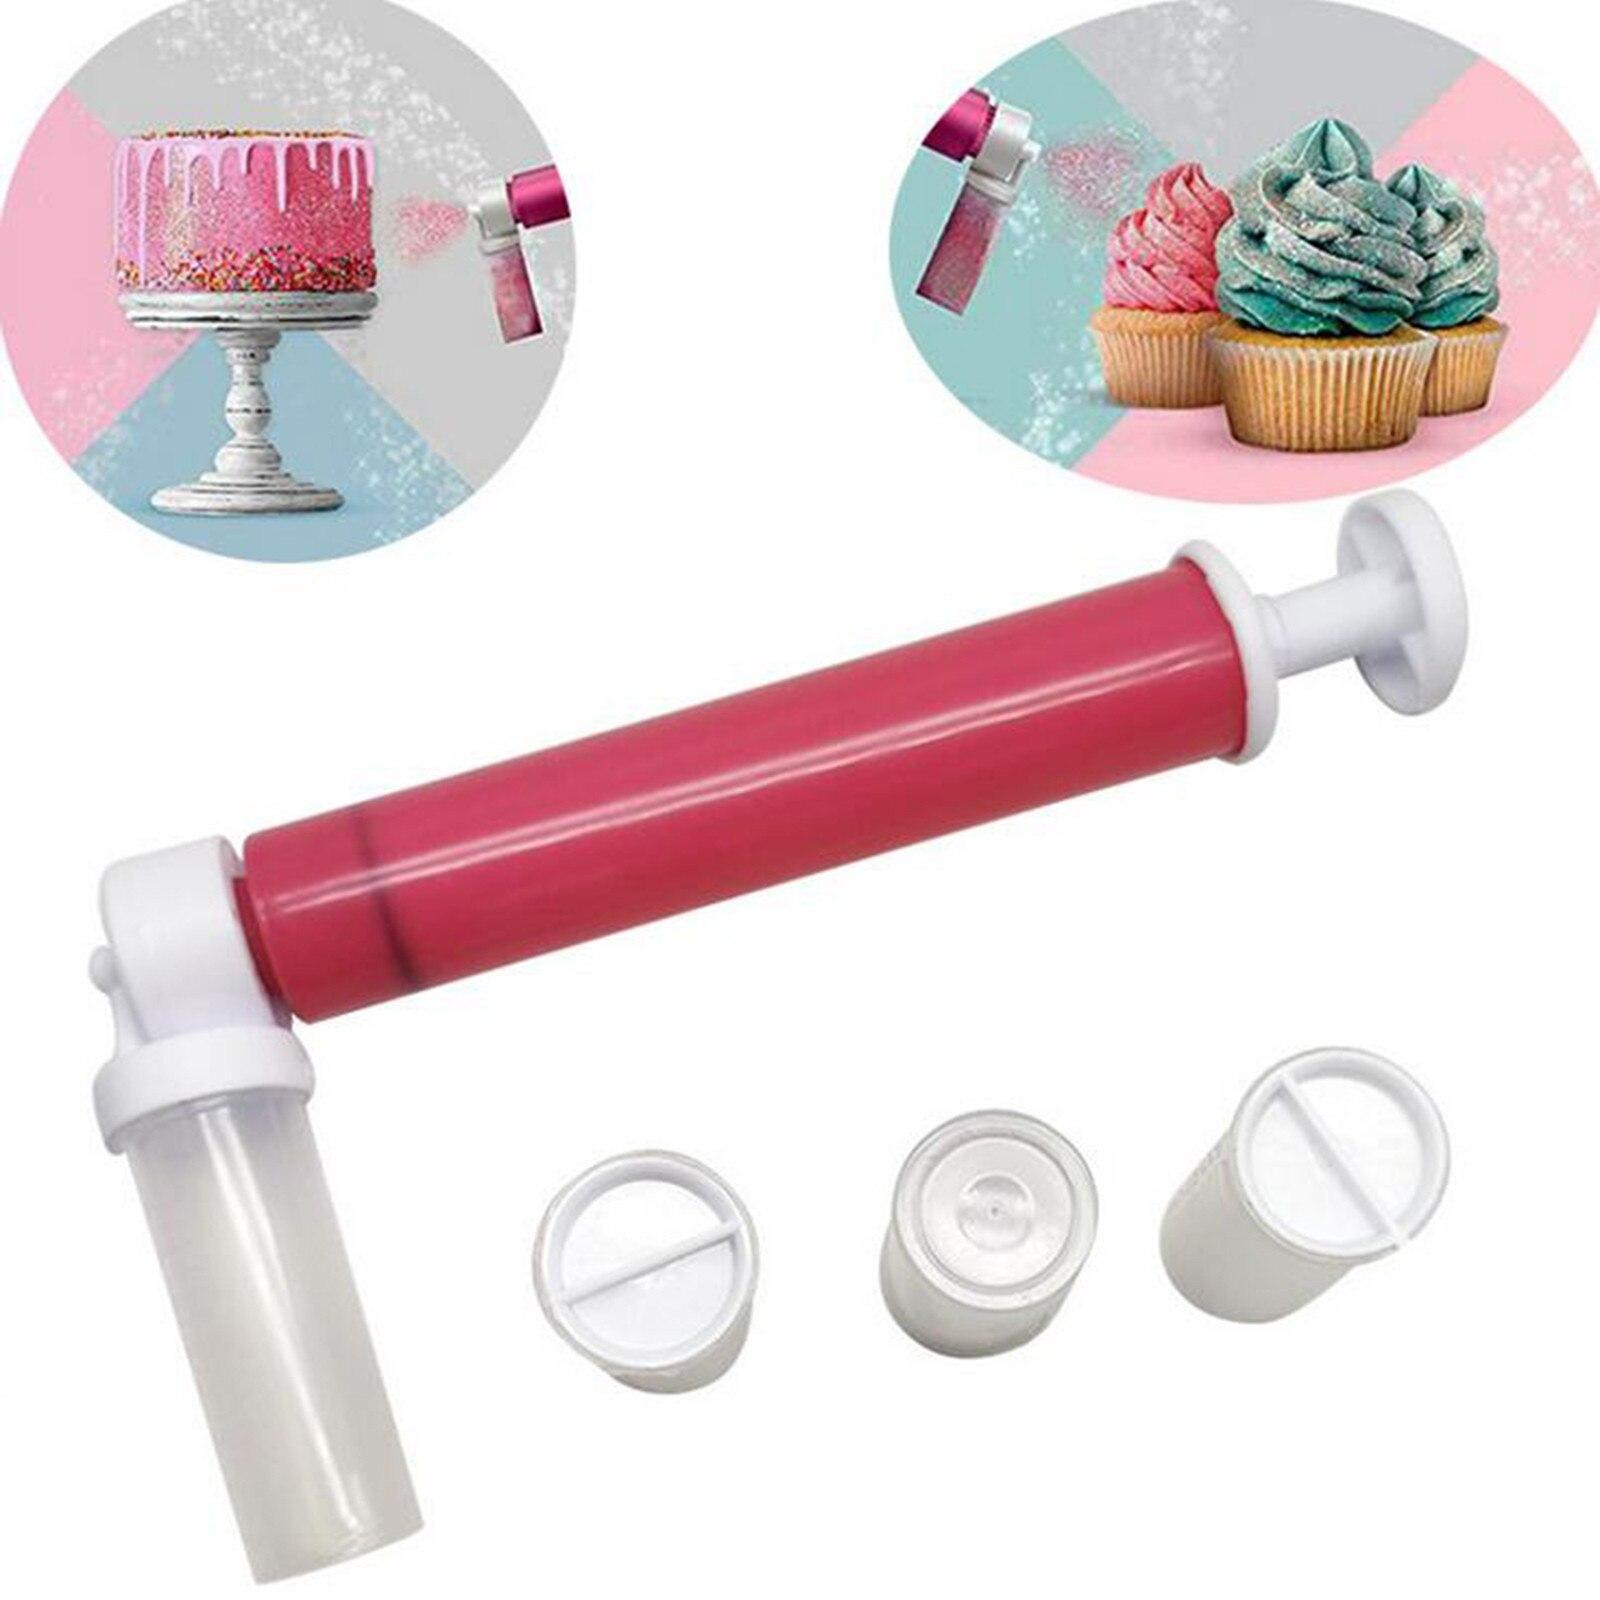 Bolo pistola de spray bolo airbrush pintura pulverizador duster manual rega pode ferramentas de decoração do bolo cozinha ferramentas de cozimento